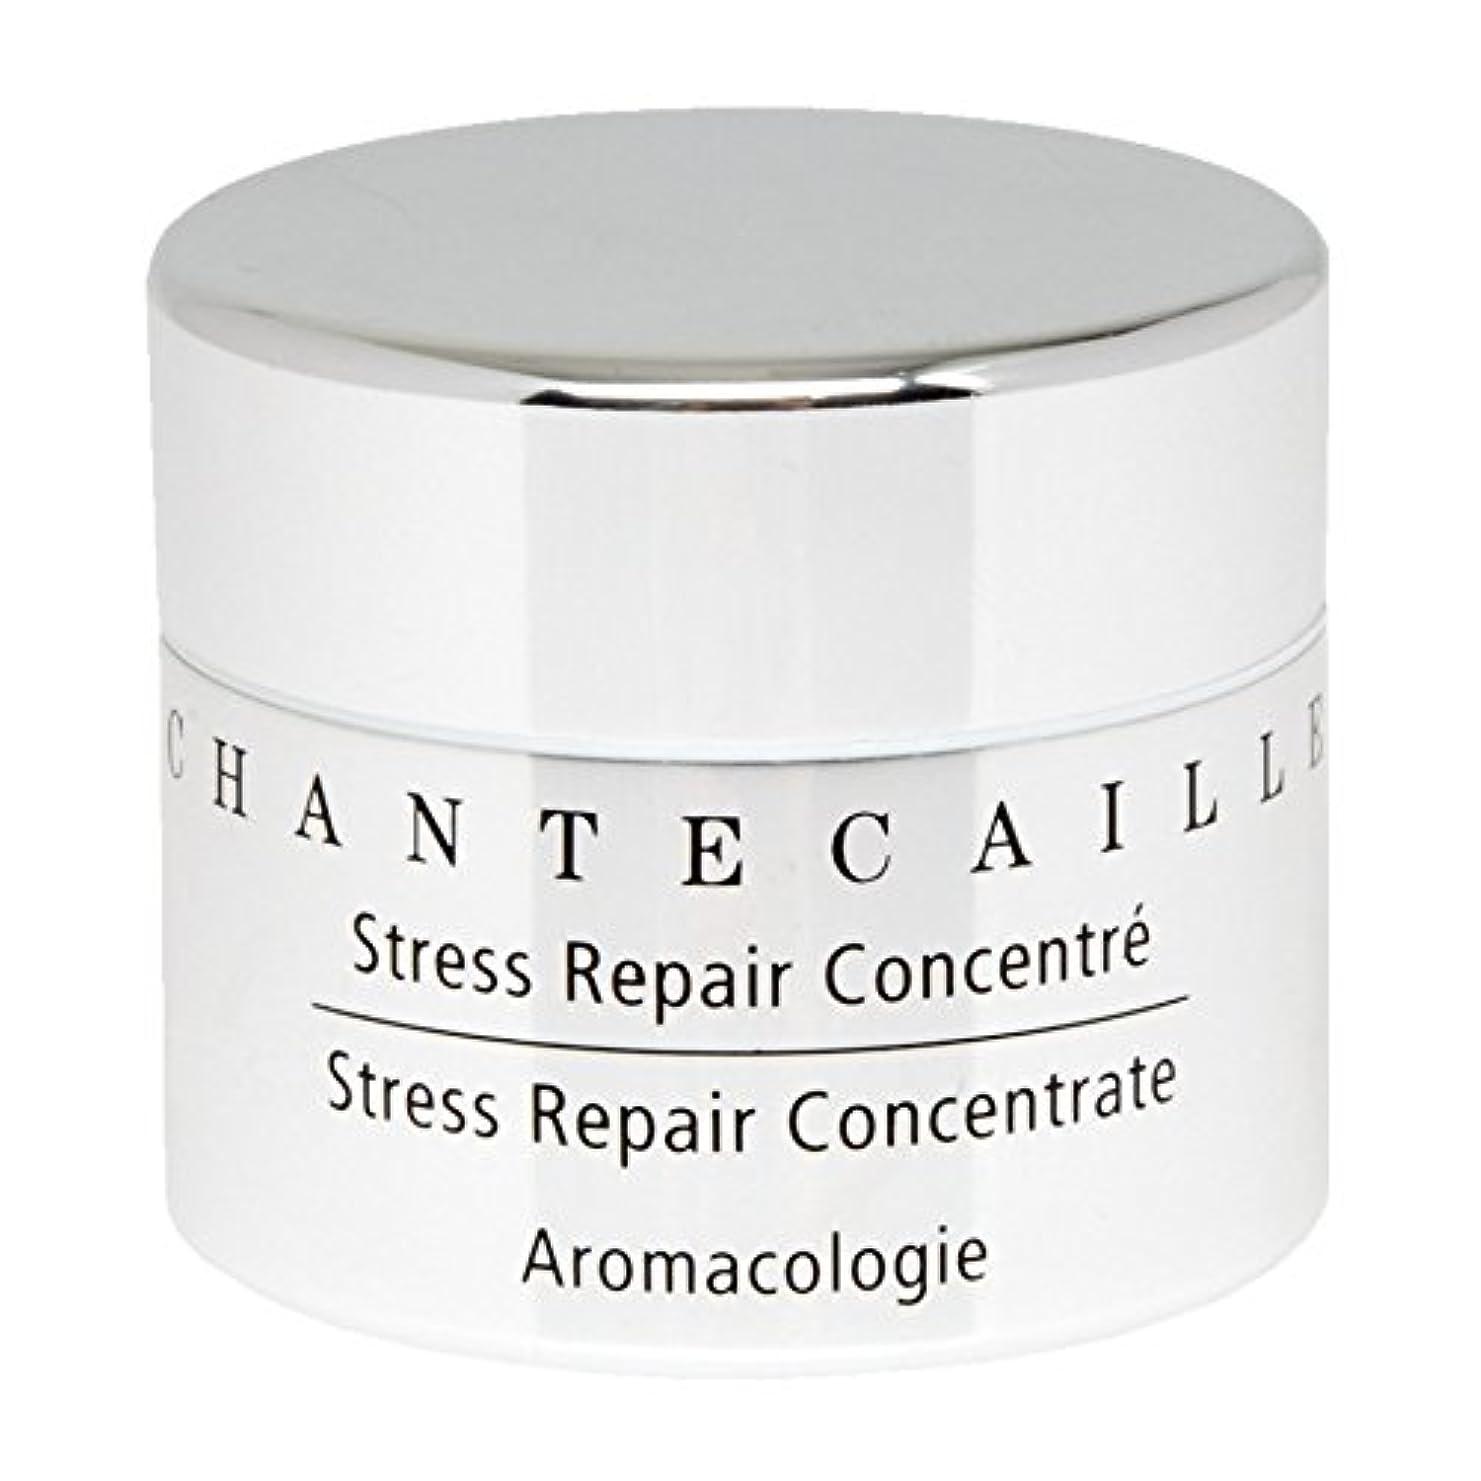 抵抗する接尾辞シーサイドシャンテカイユストレス修復濃縮15ミリリットル x4 - Chantecaille Stress Repair Concentrate 15ml (Pack of 4) [並行輸入品]